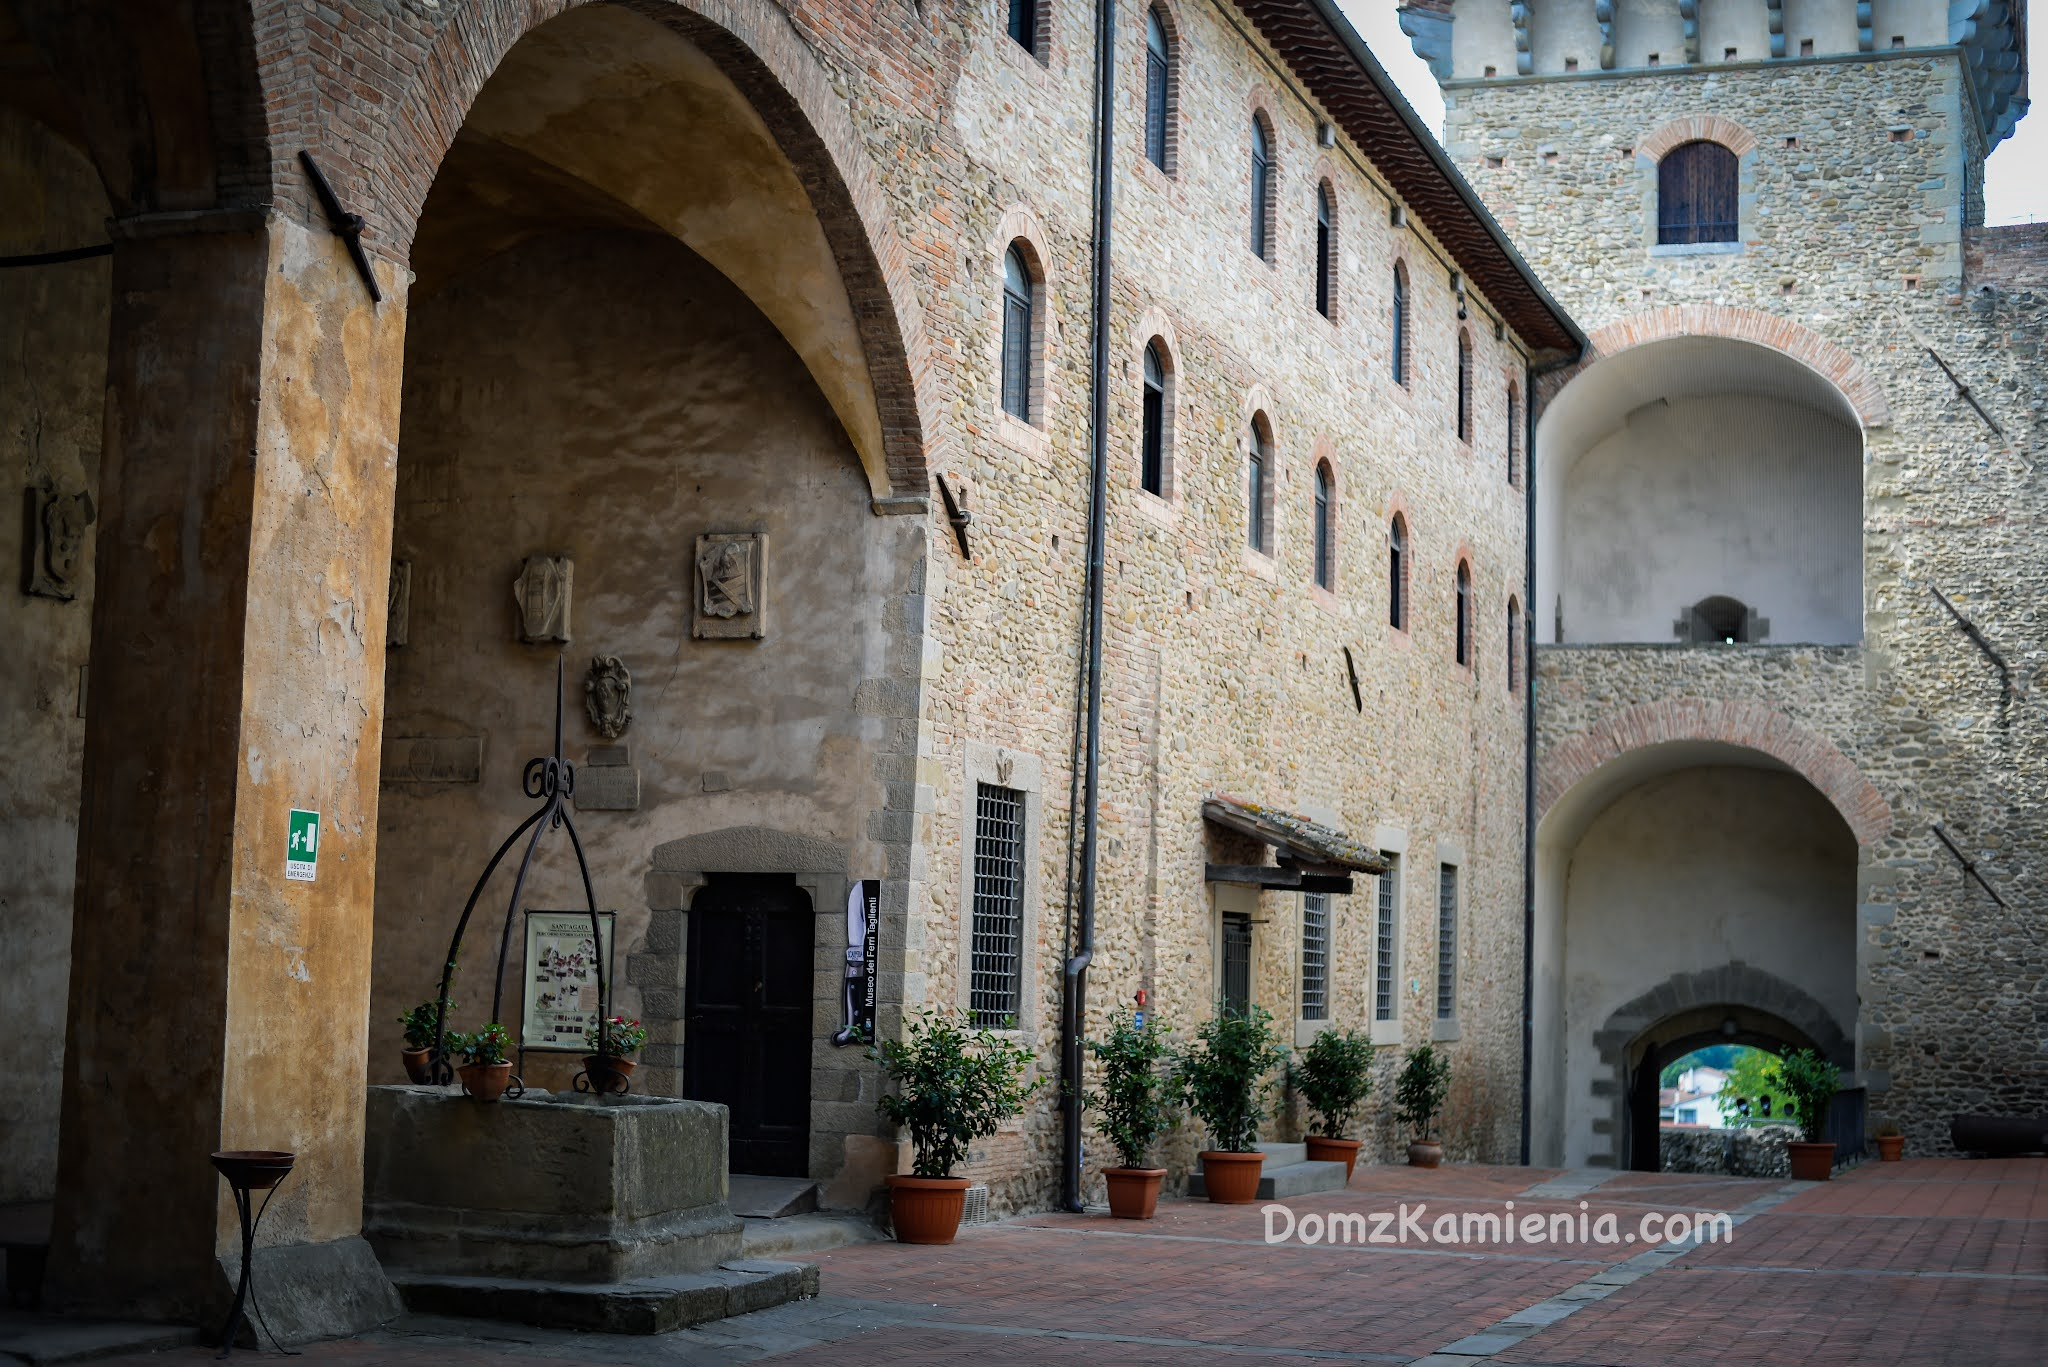 Scarperia, Dom z Kamienia, blog o życiu we Włoszech